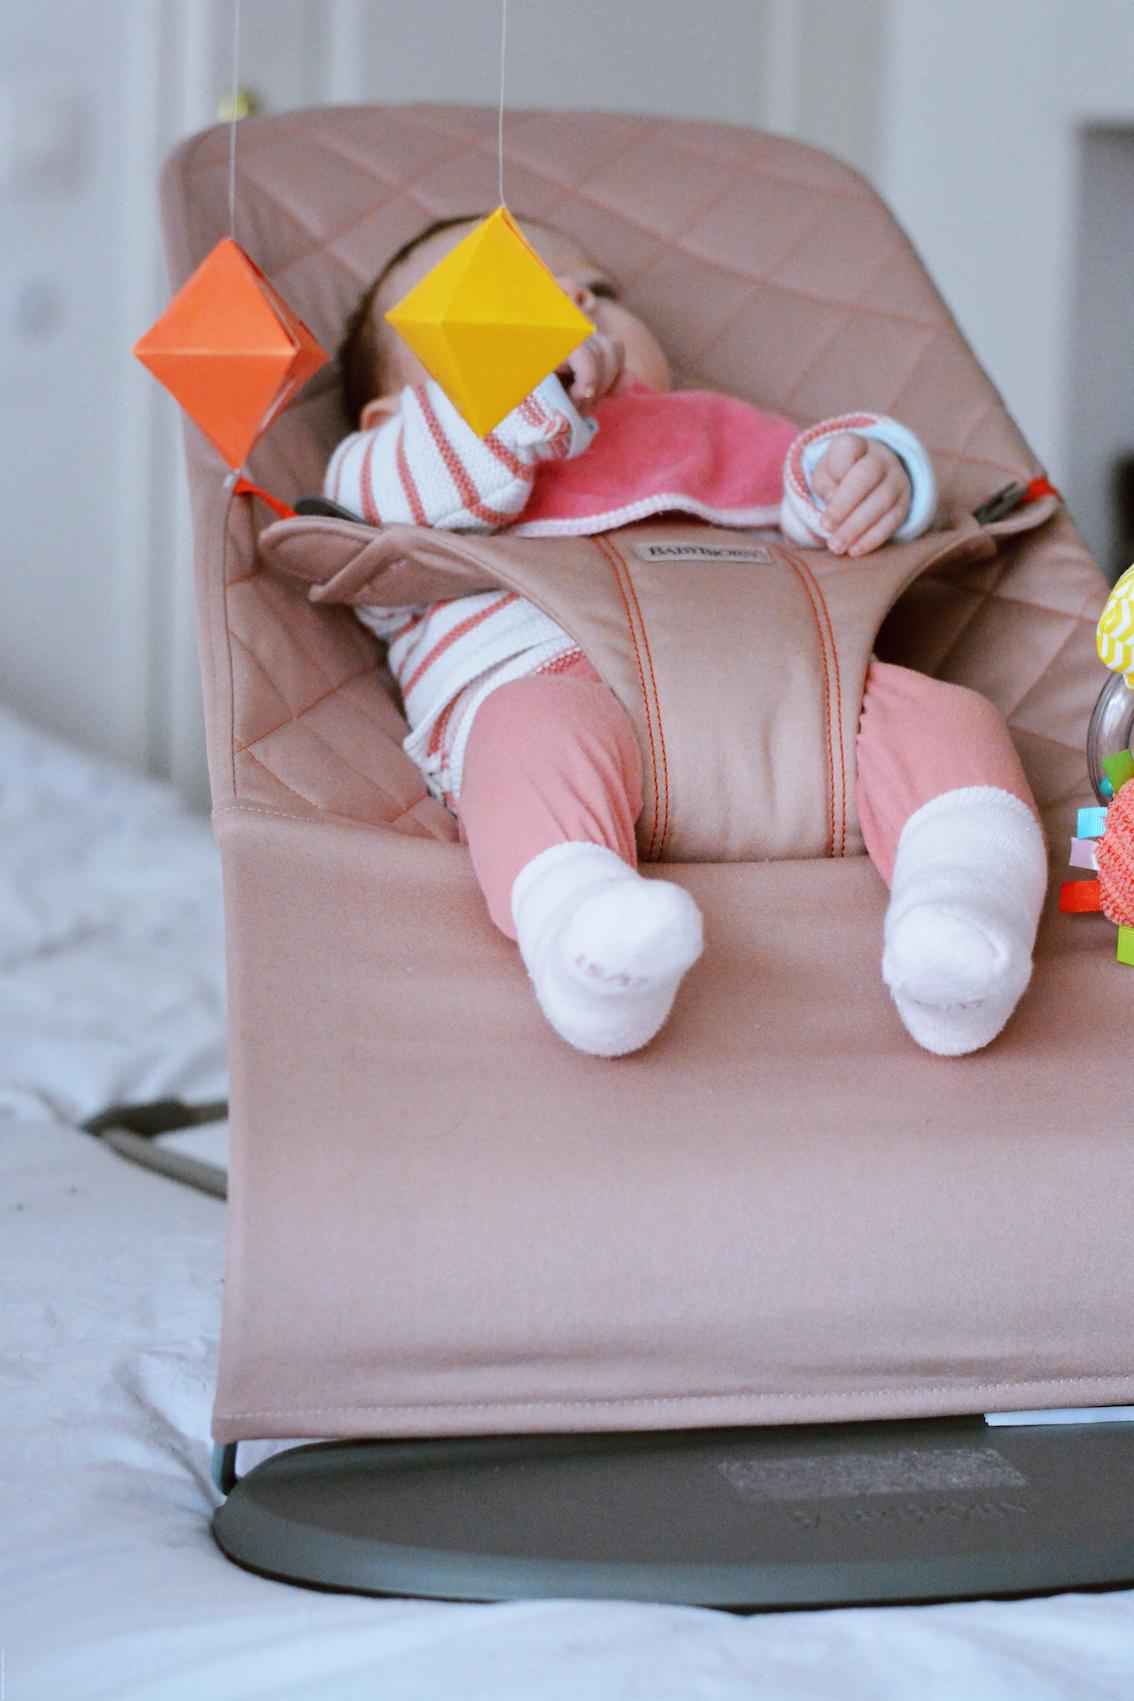 comment bien choisir un transat bebe